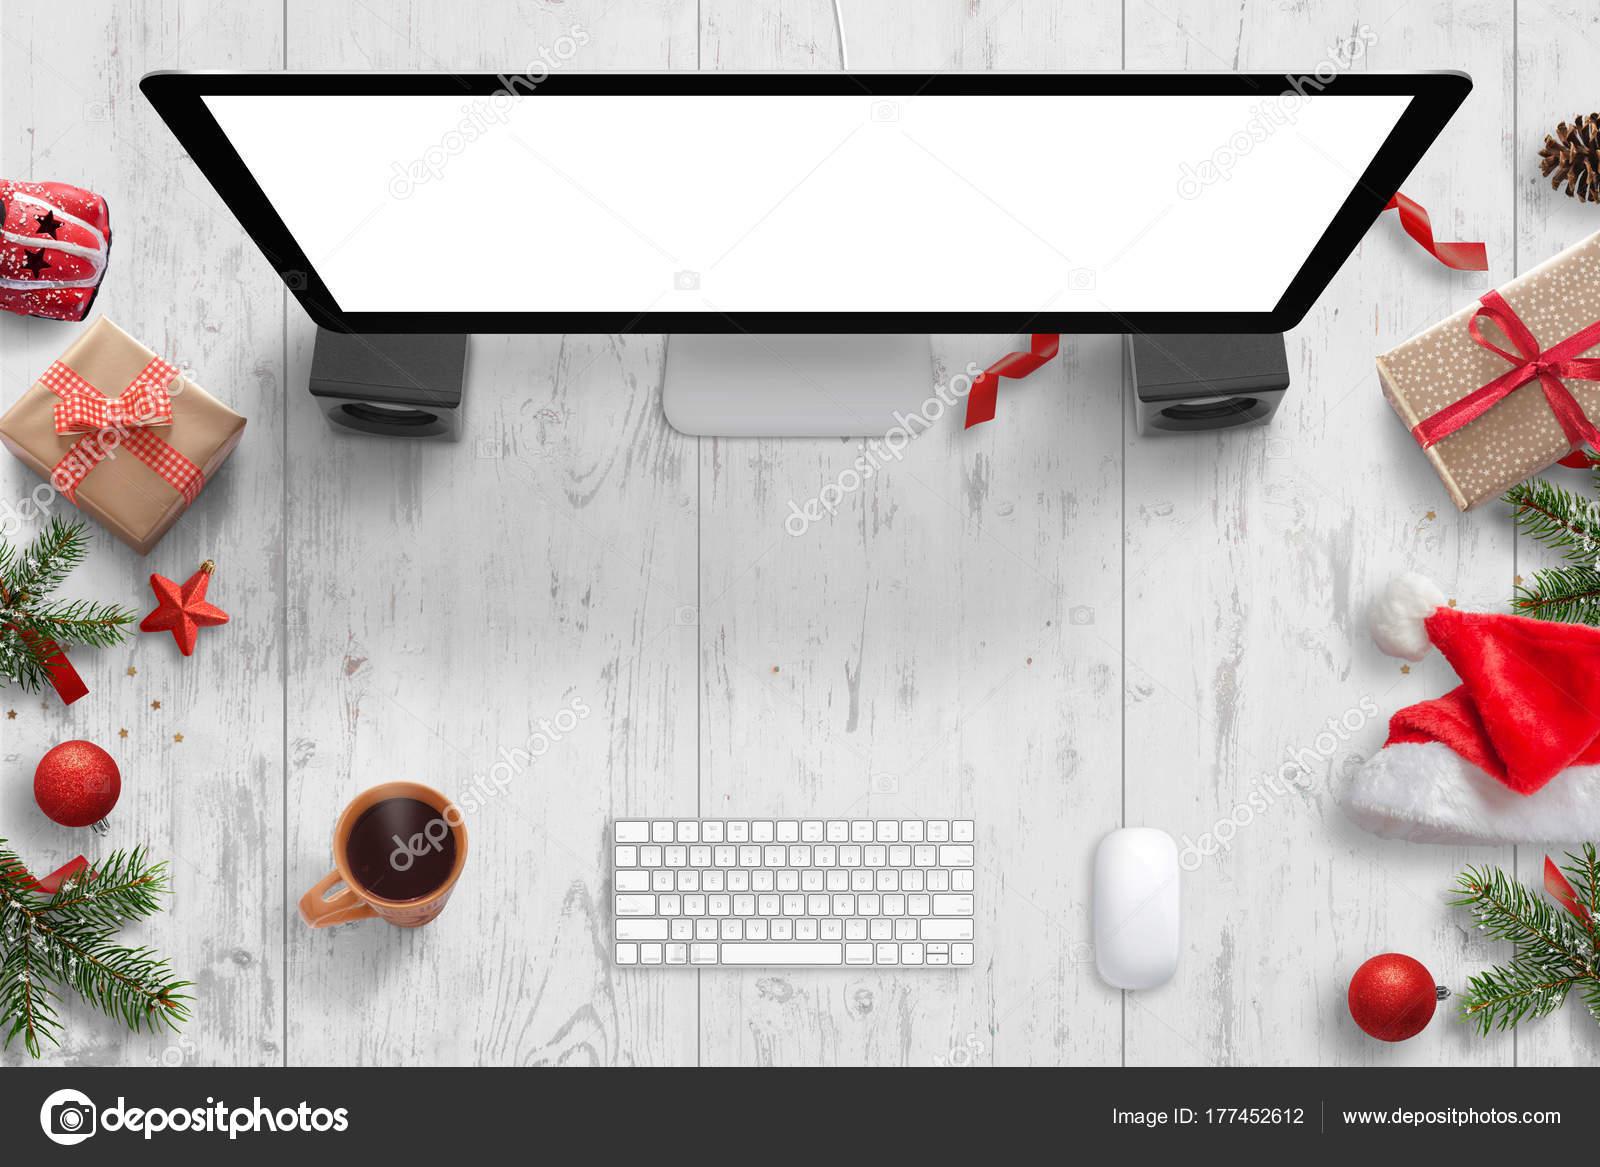 Weihnachtsszene Mit Computer Display Mit Isolierten Bildschirm Mock ...